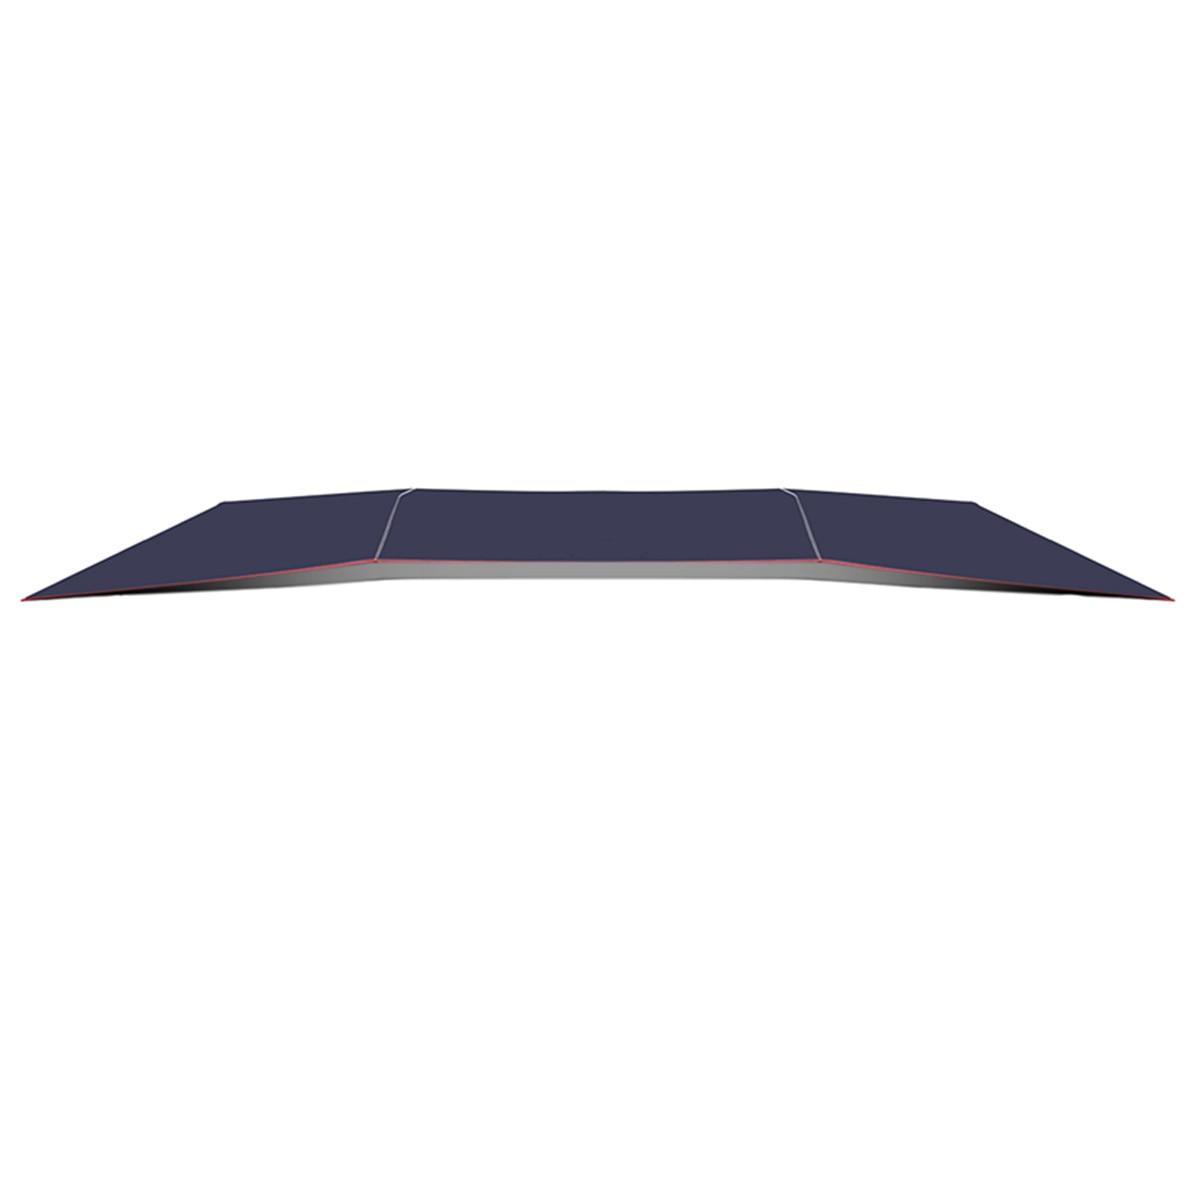 4.5x2.3 M/4.2x2.1 M Portable extérieur voiture véhicule tente voiture parapluie soleil ombre couverture Oxford tissu Polyester couvre sans support - 3